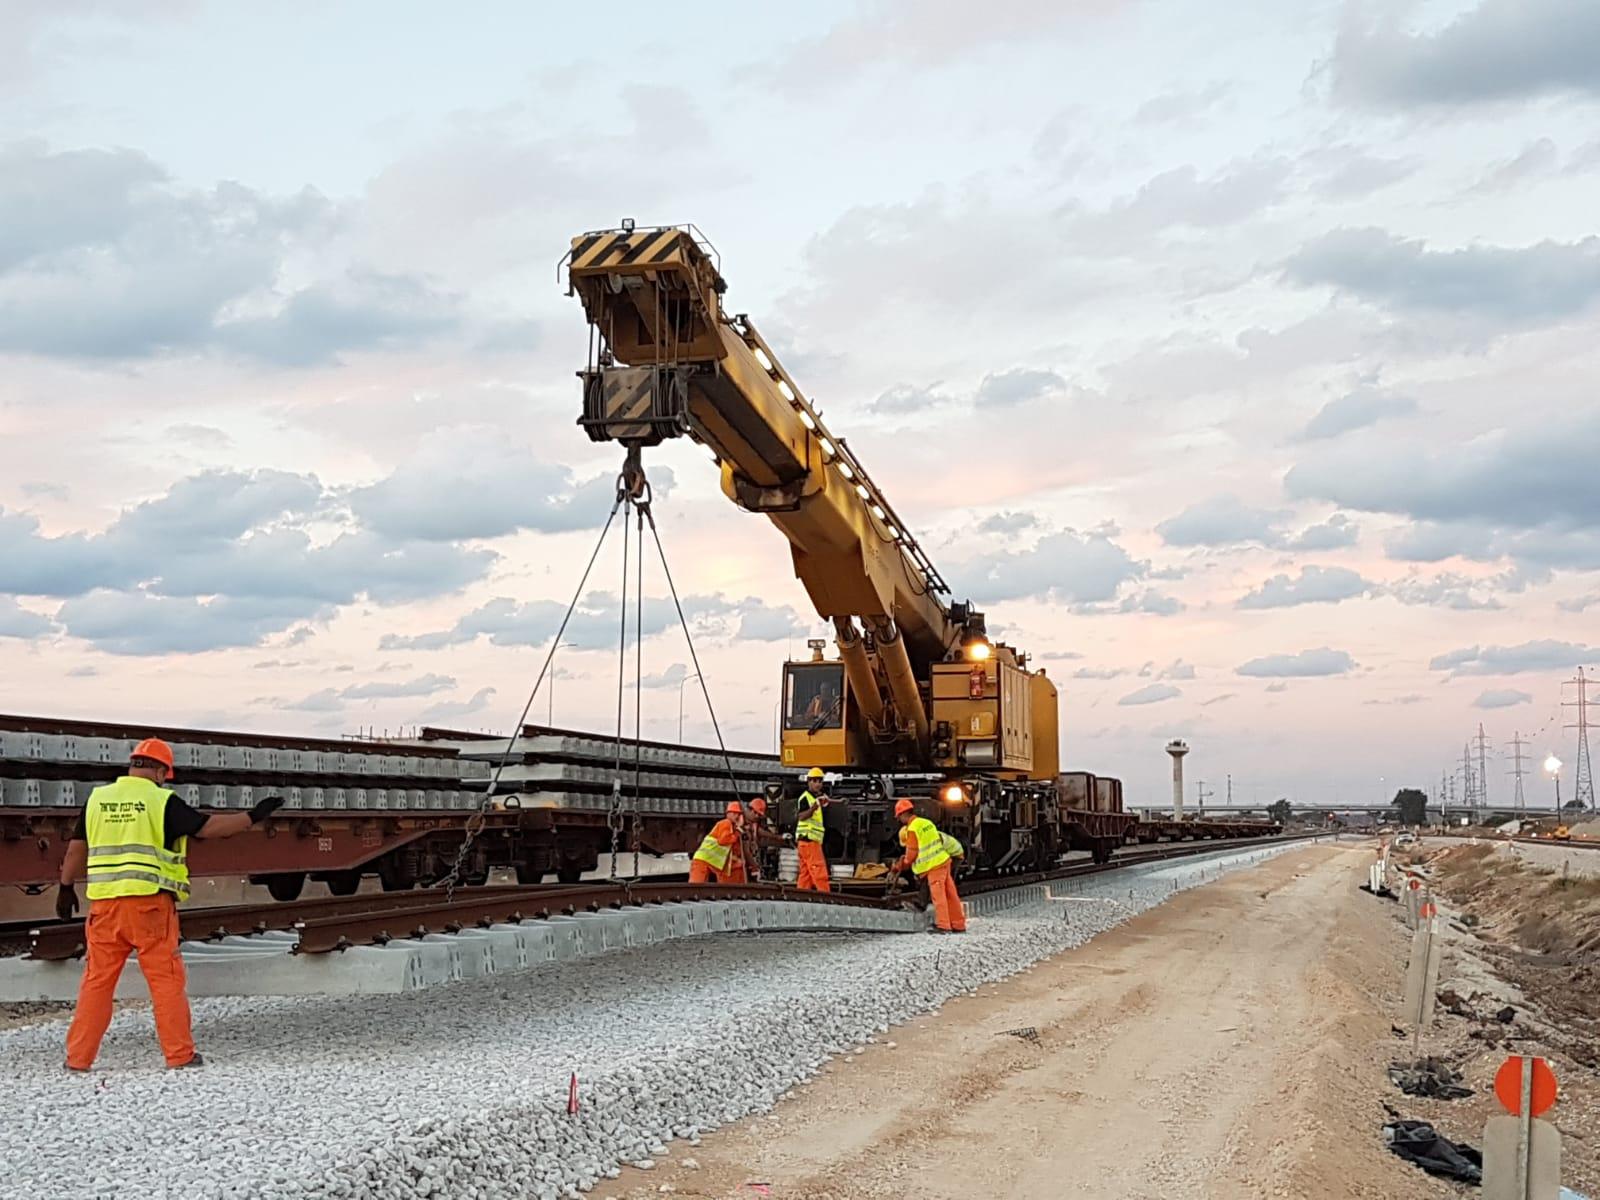 עבודות תשתית ברכבת ישראל קרדיט רכבת ישראל